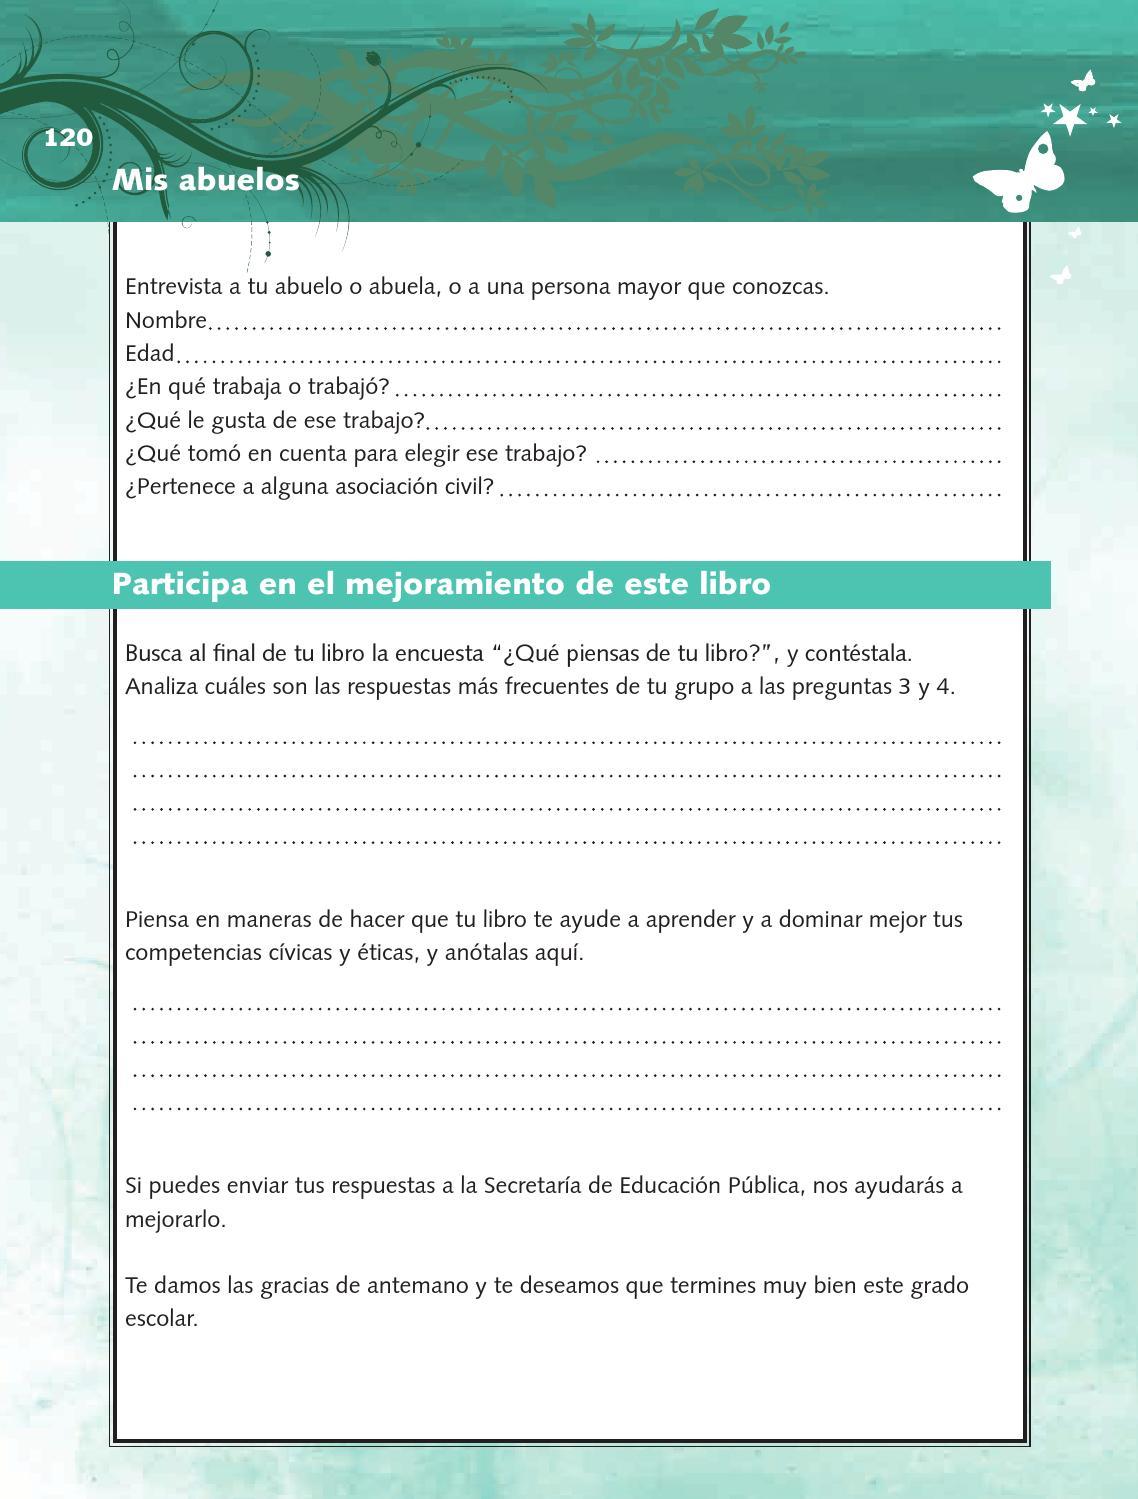 Ejercicios - Formación Cívica y Ética 4to Bloque 5 2014-2015